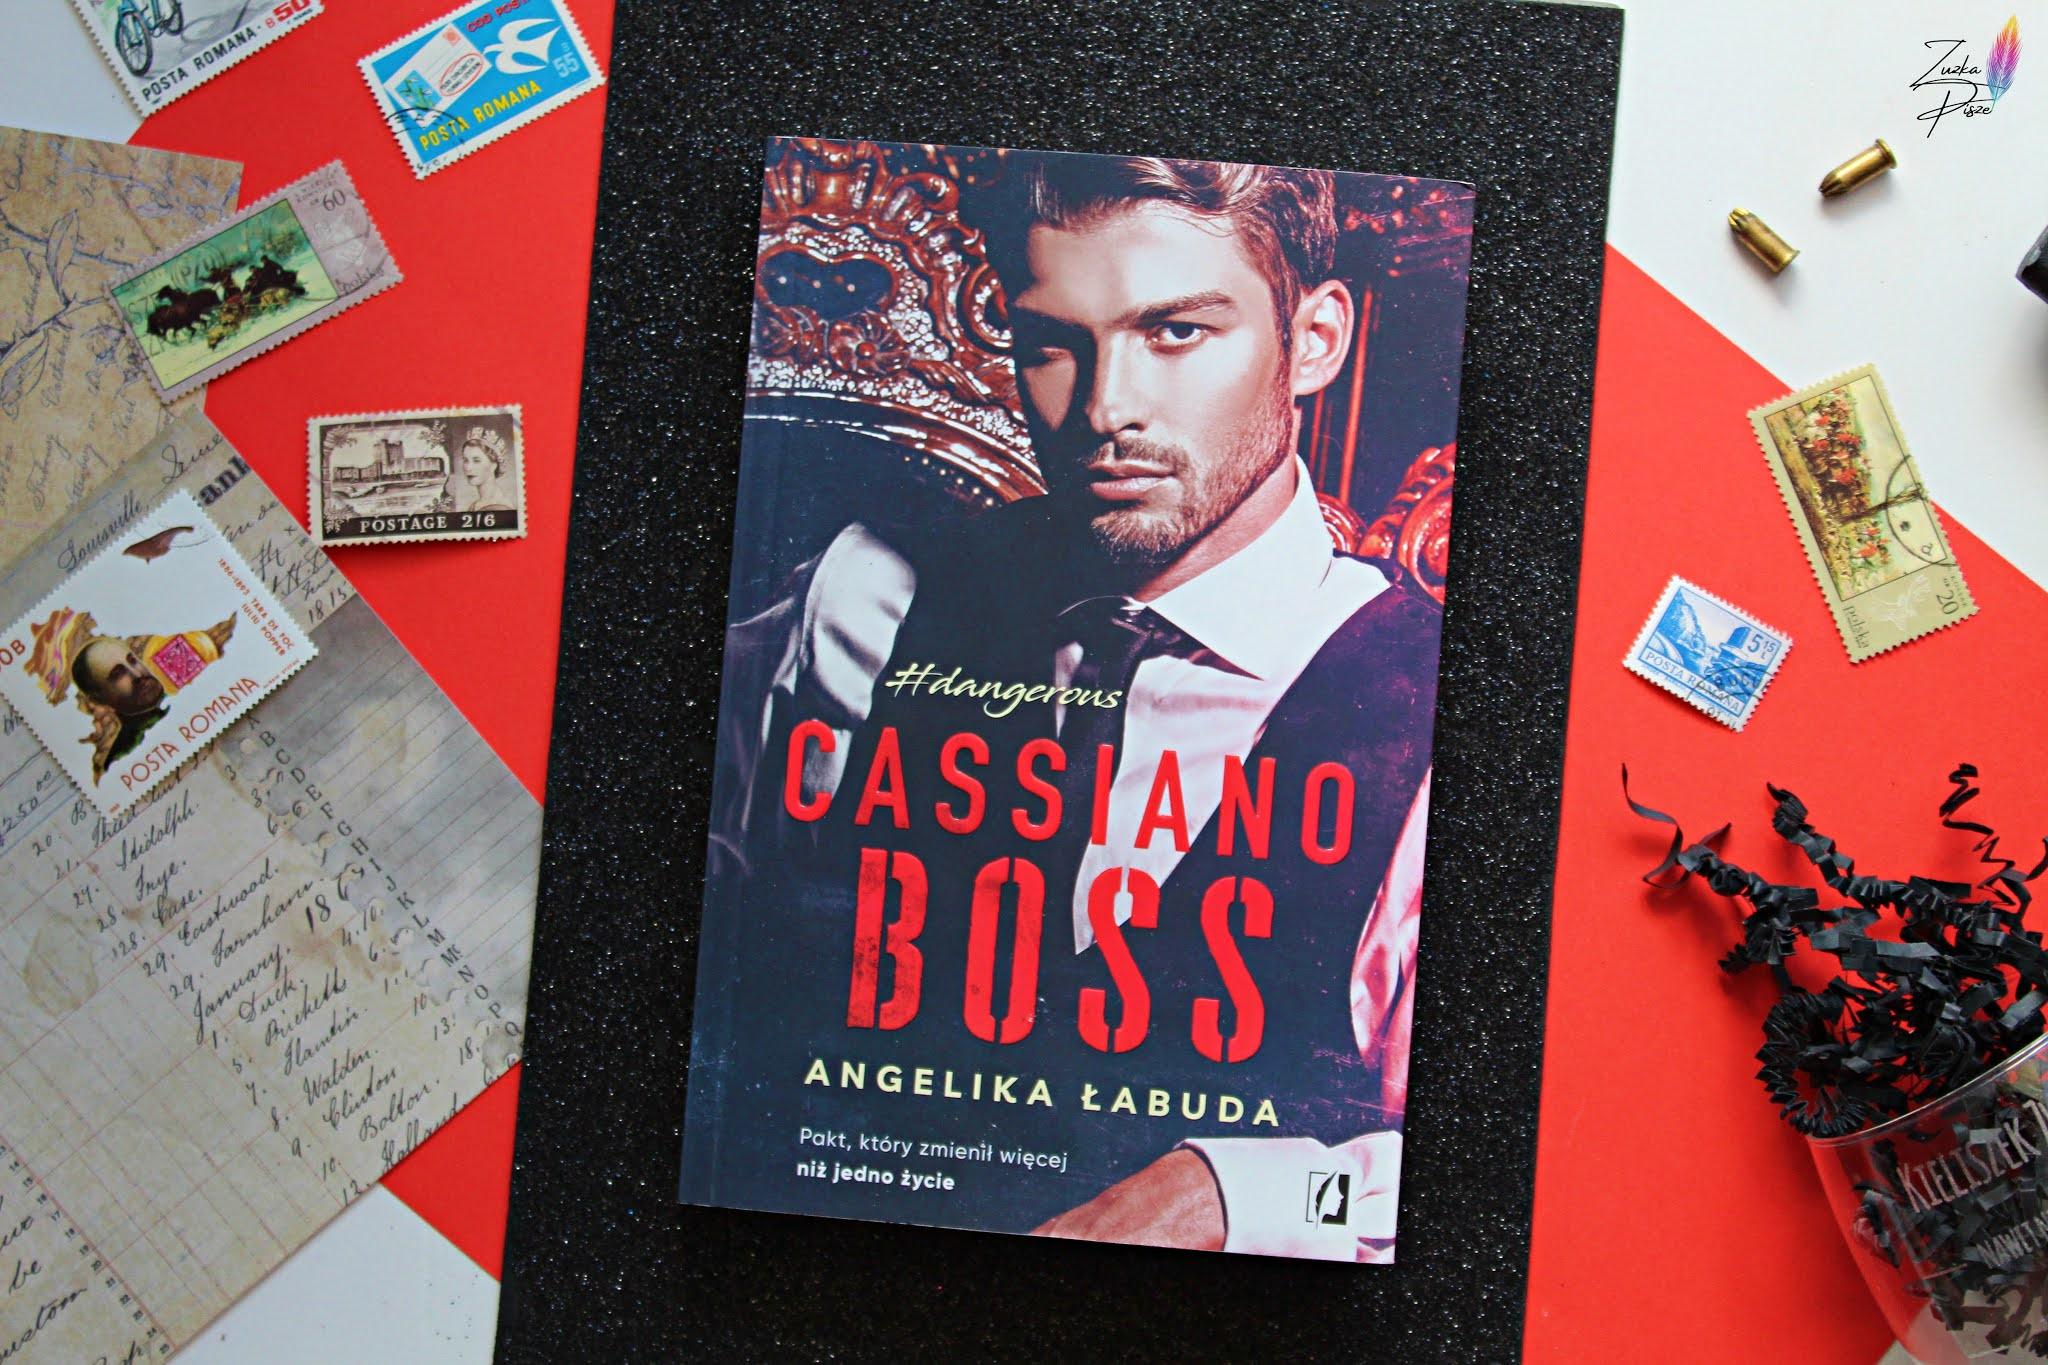 """Angelika Łabuda """"Cassiano Boss"""" - recenzja"""